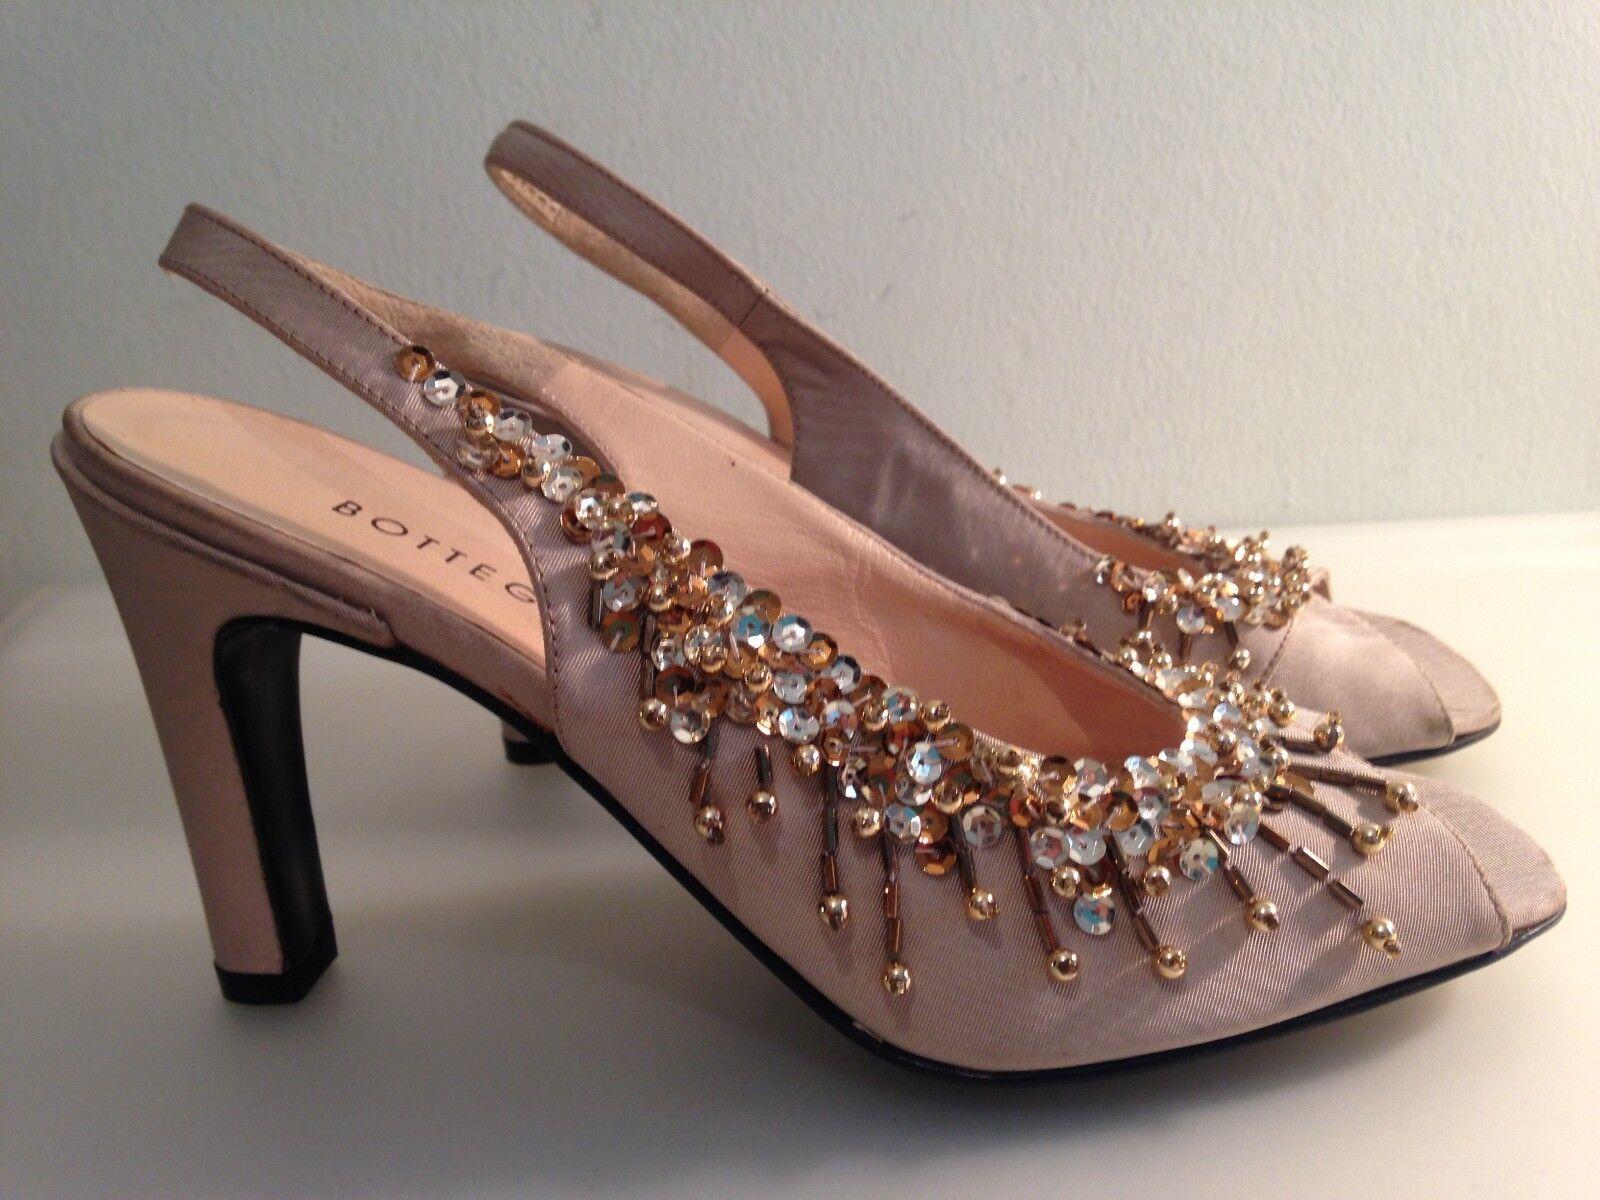 Bottega VENETA | Auténtico Mujeres Sandalias Zapatos de verano de ESLINGA vuelta Mula-Italia